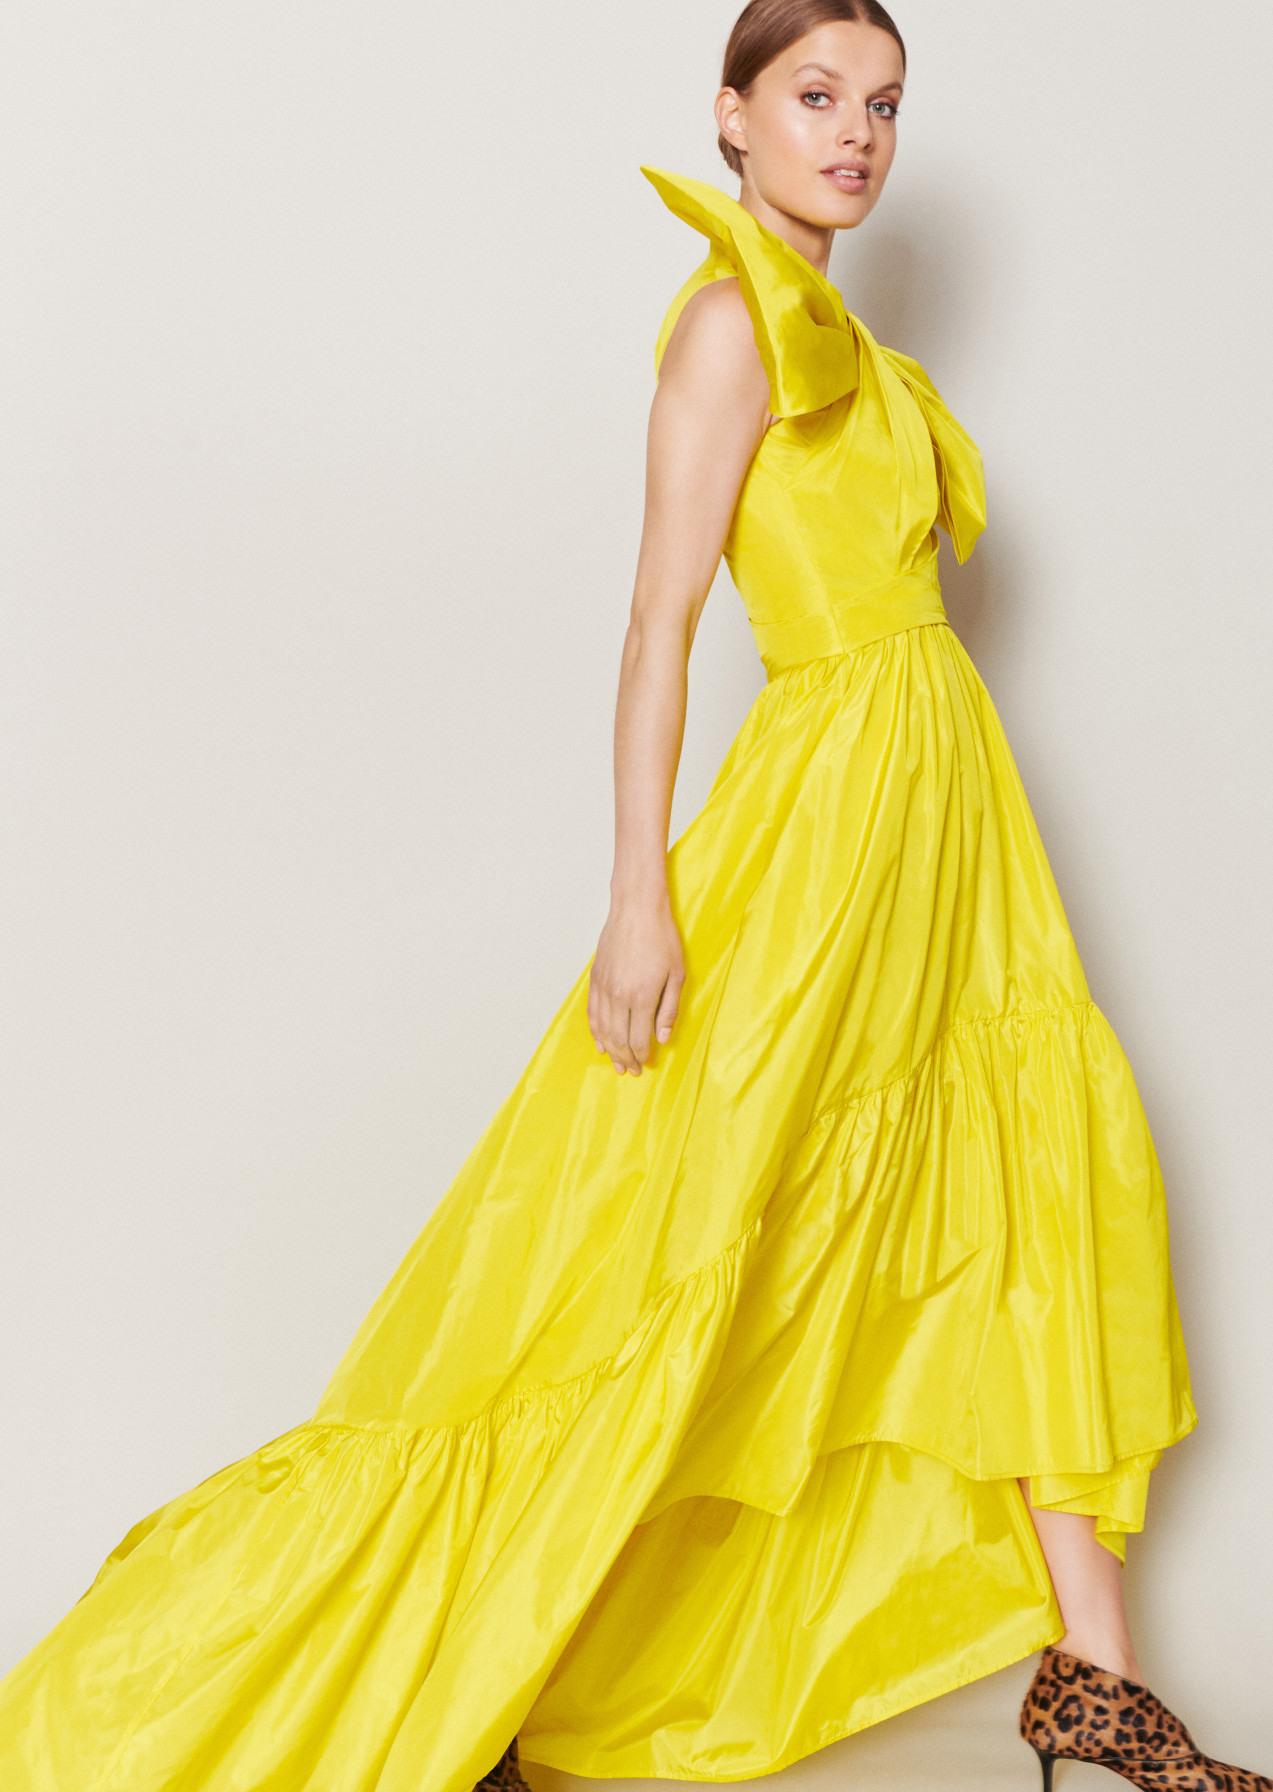 Designer Einfach Abendkleid Italienisch Vertrieb15 Einfach Abendkleid Italienisch Stylish